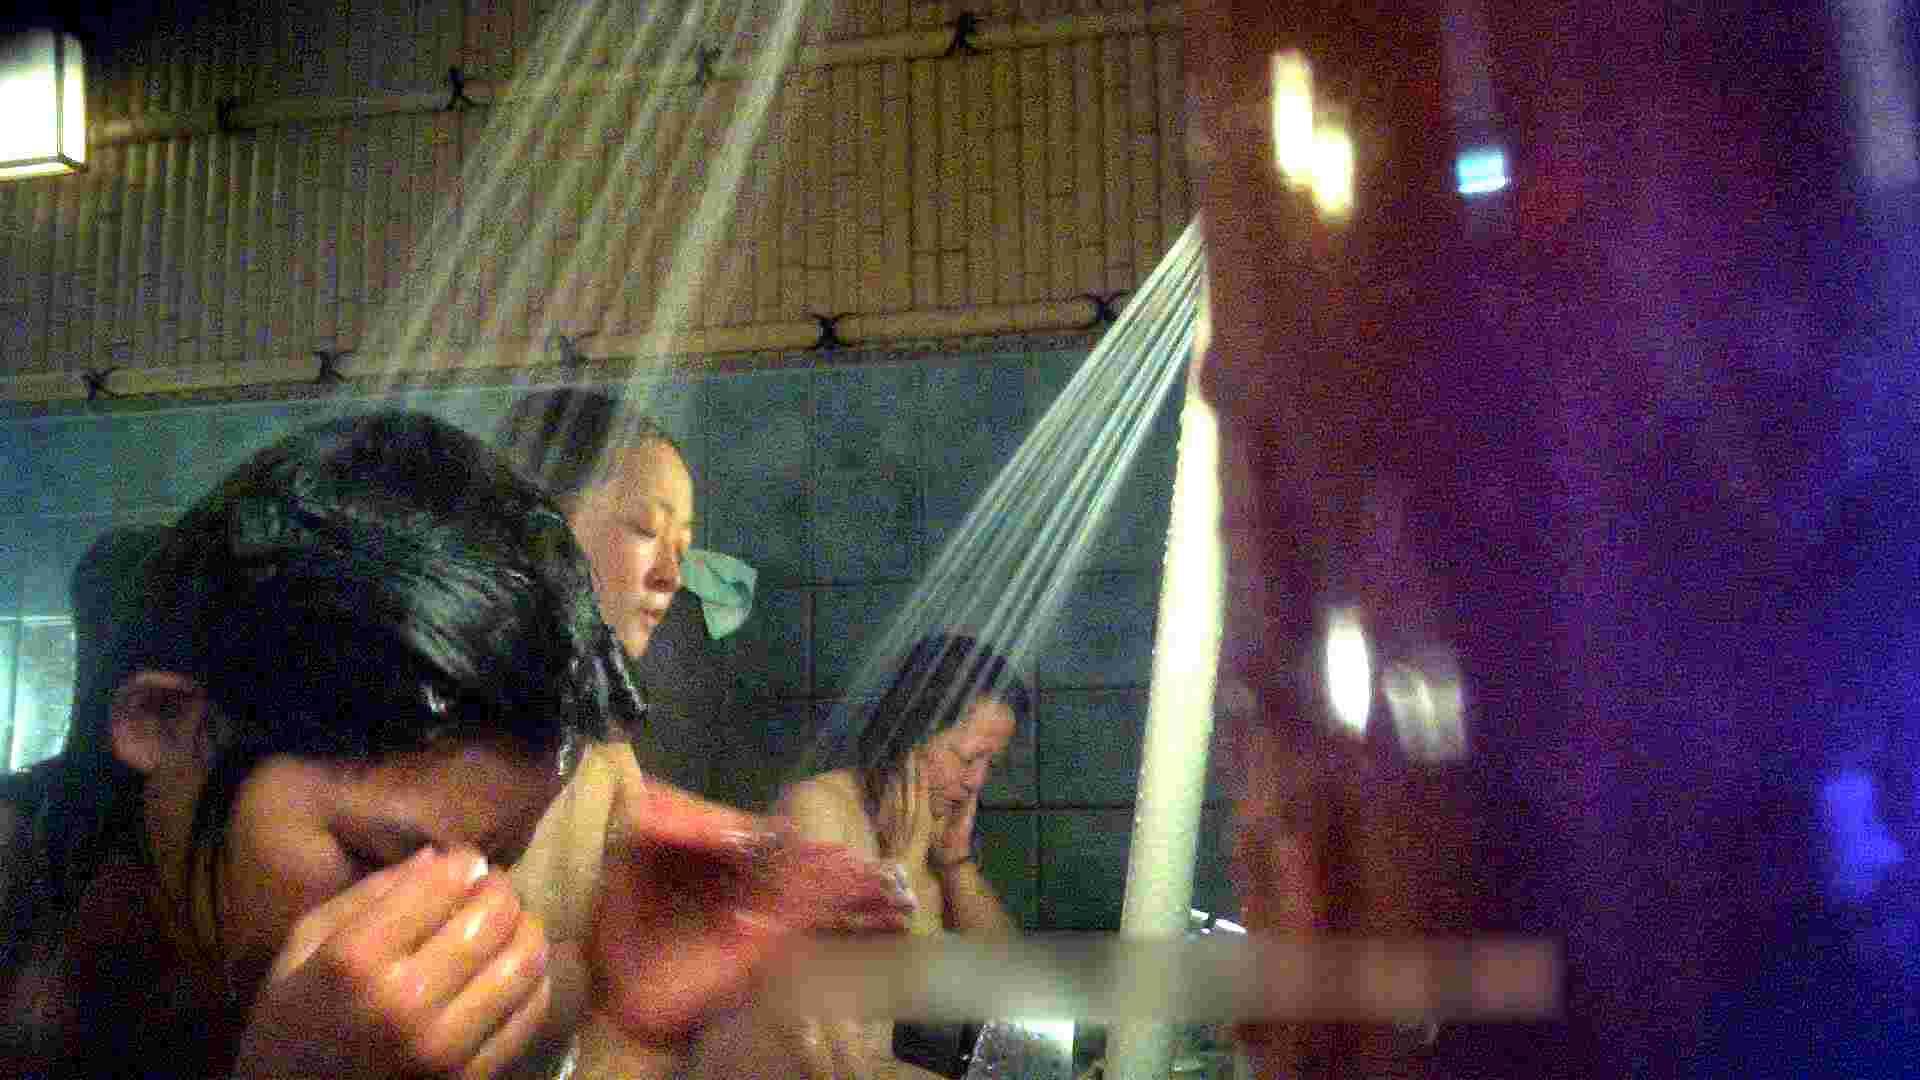 TG.12 【上等兵】いやぁ若い!ぷっちぷちギャル!でも時間短い・・・ 女湯のぞき オメコ動画キャプチャ 106枚 9